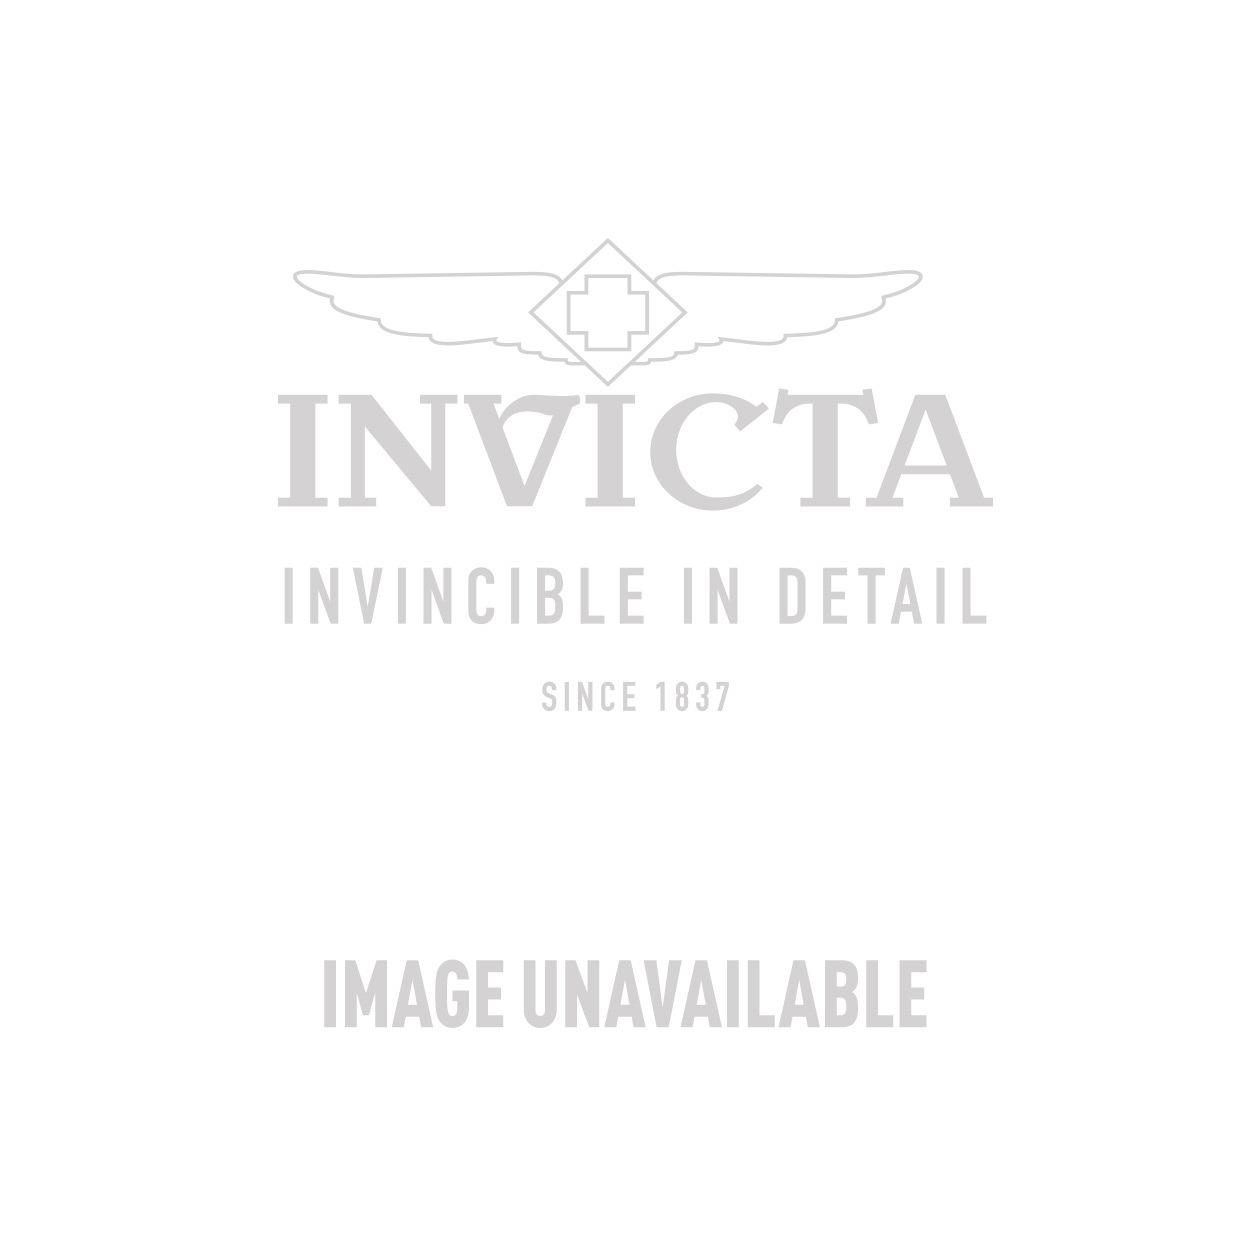 Invicta Model 27514